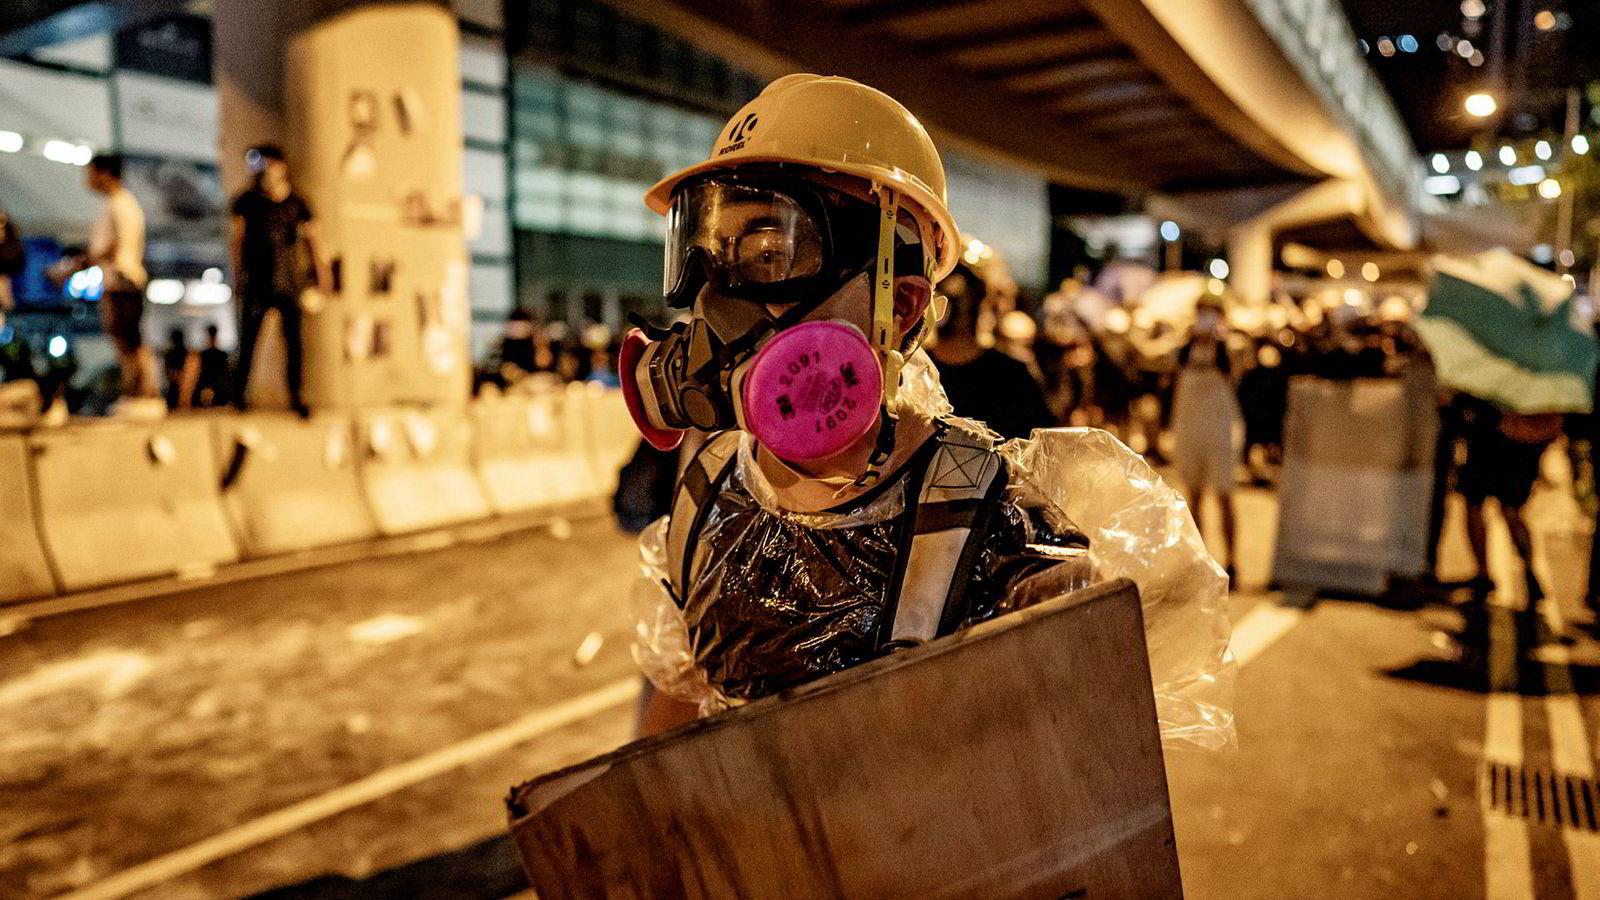 Demonstranter tok seg inn i Hongkongs lovgivende forsamling og ramponerte lokalene uten innblanding fra politiet. En pressetalsmann i det kinesiske utenriksdepartementet mener det er hyklersk at USA og EU ikke kritiserer demonstrasjonene.